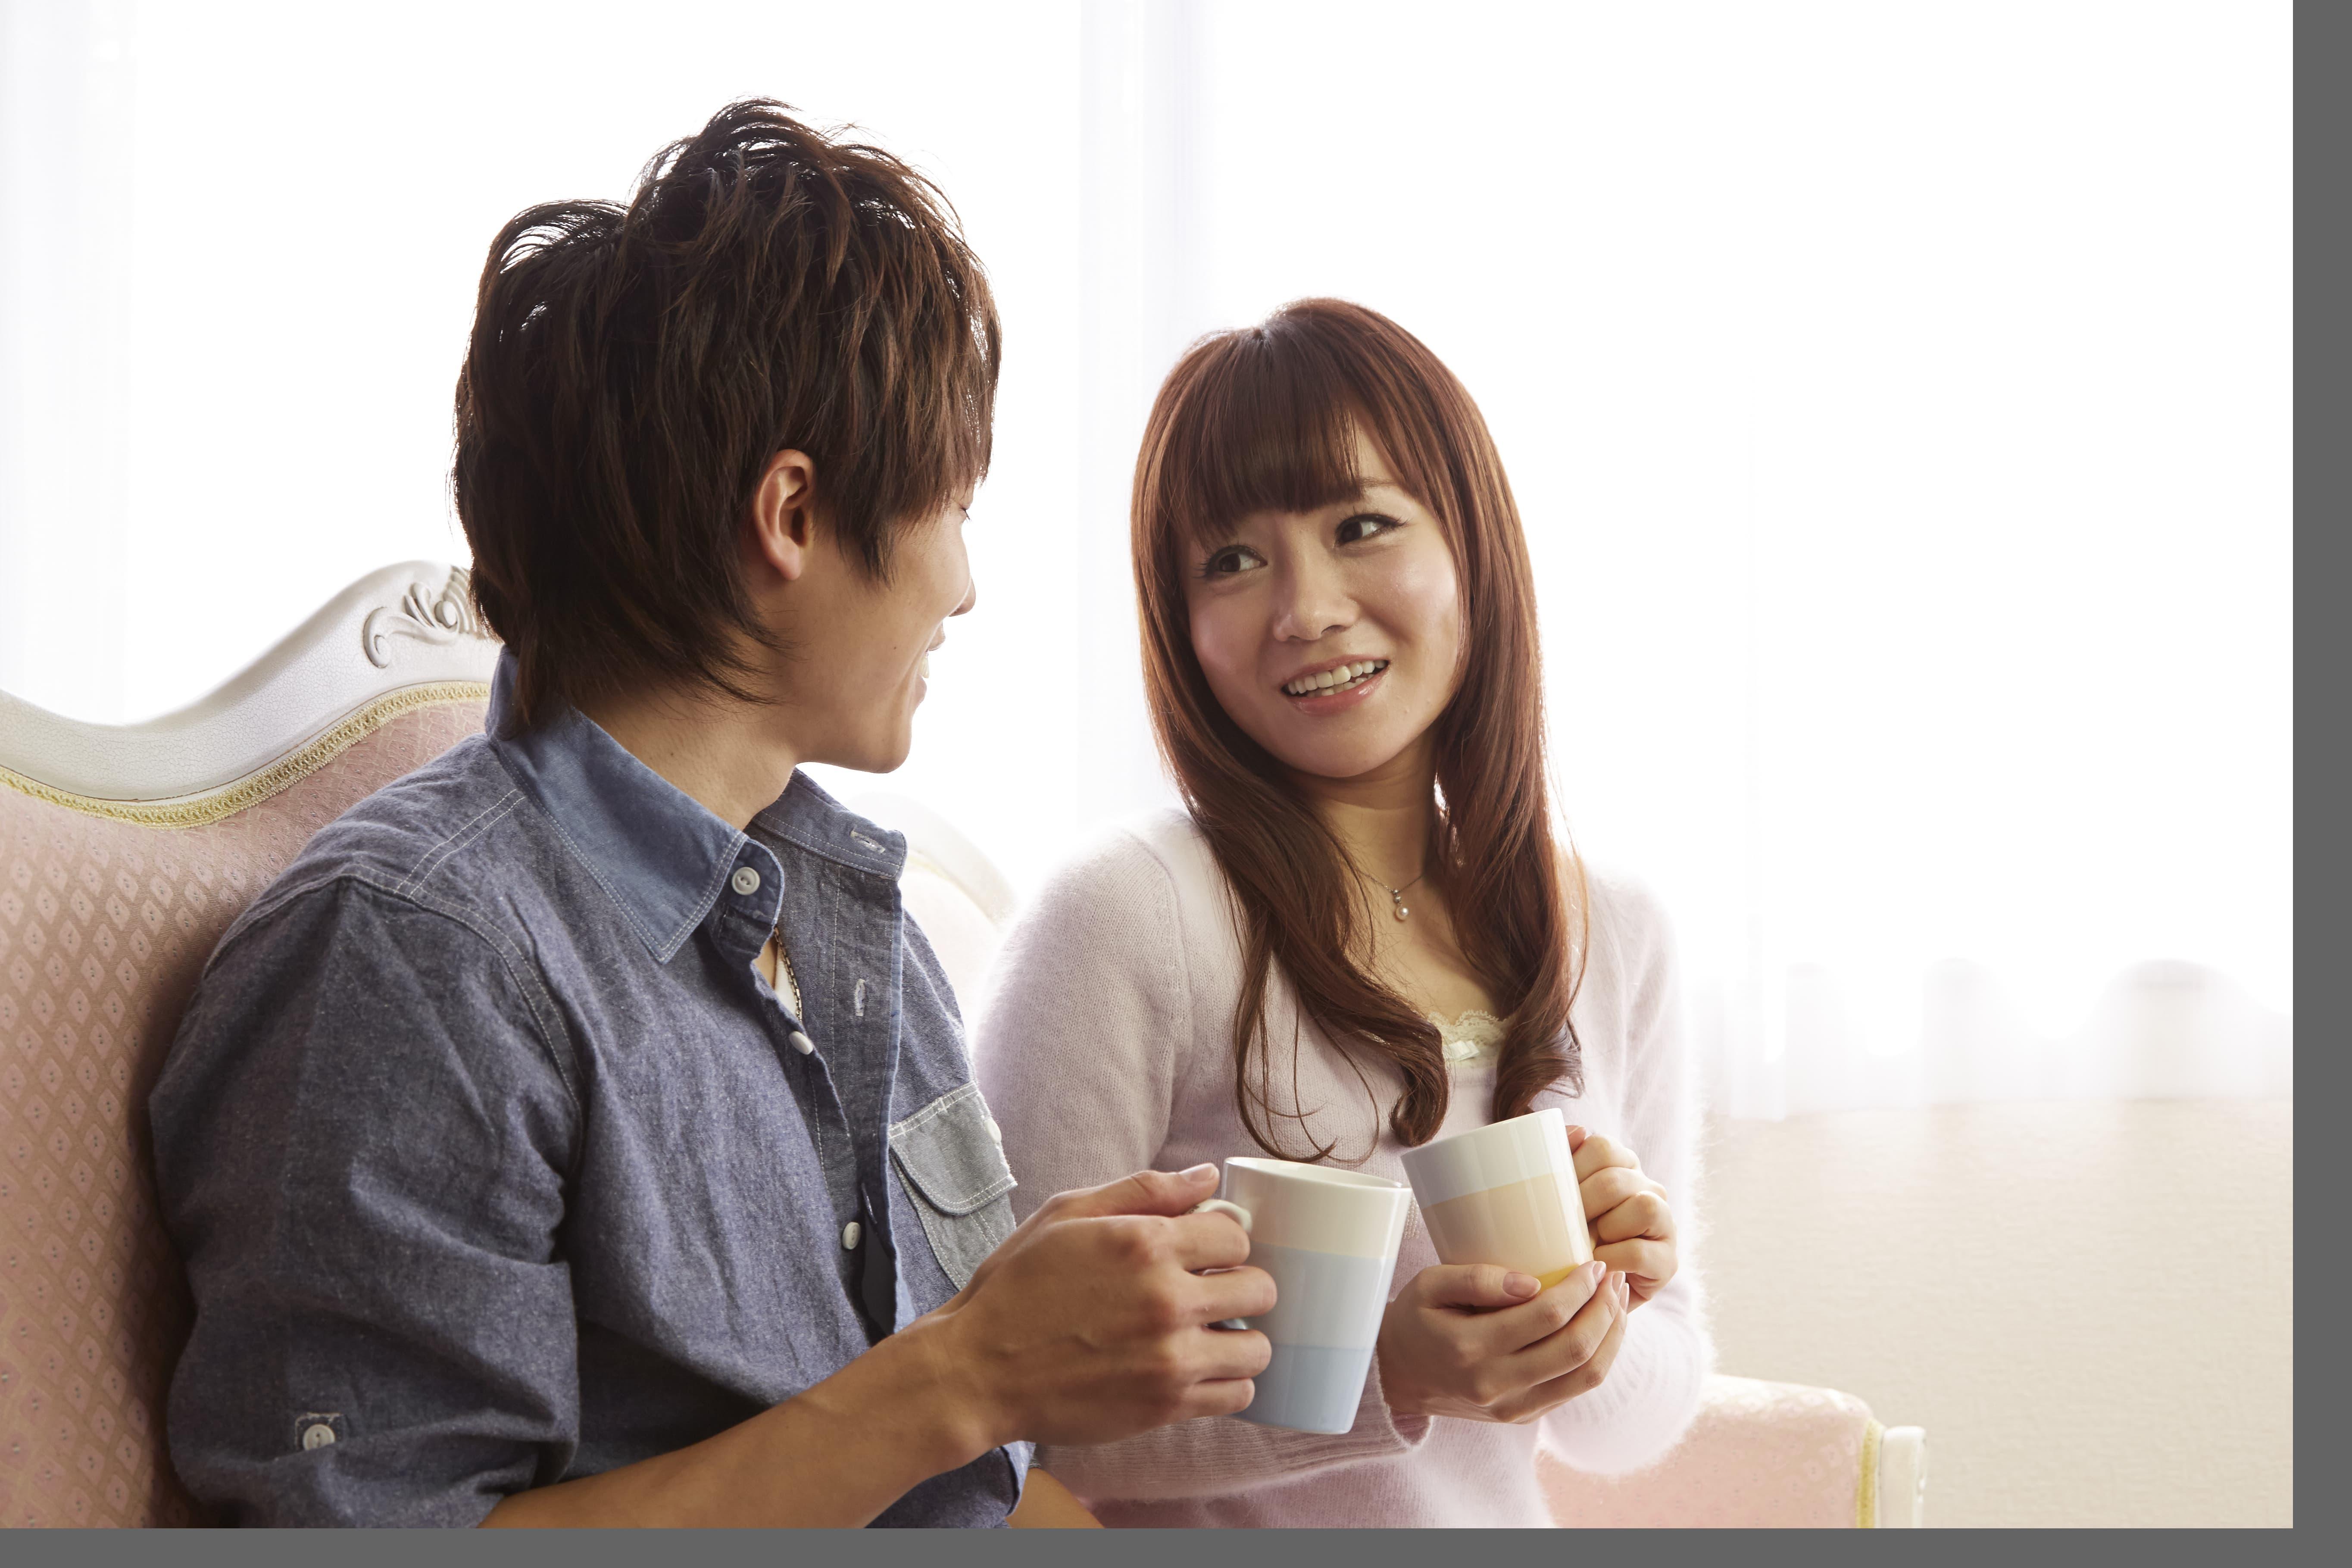 妊娠への近道!あなたの妊活を成功させるための情報を大公開